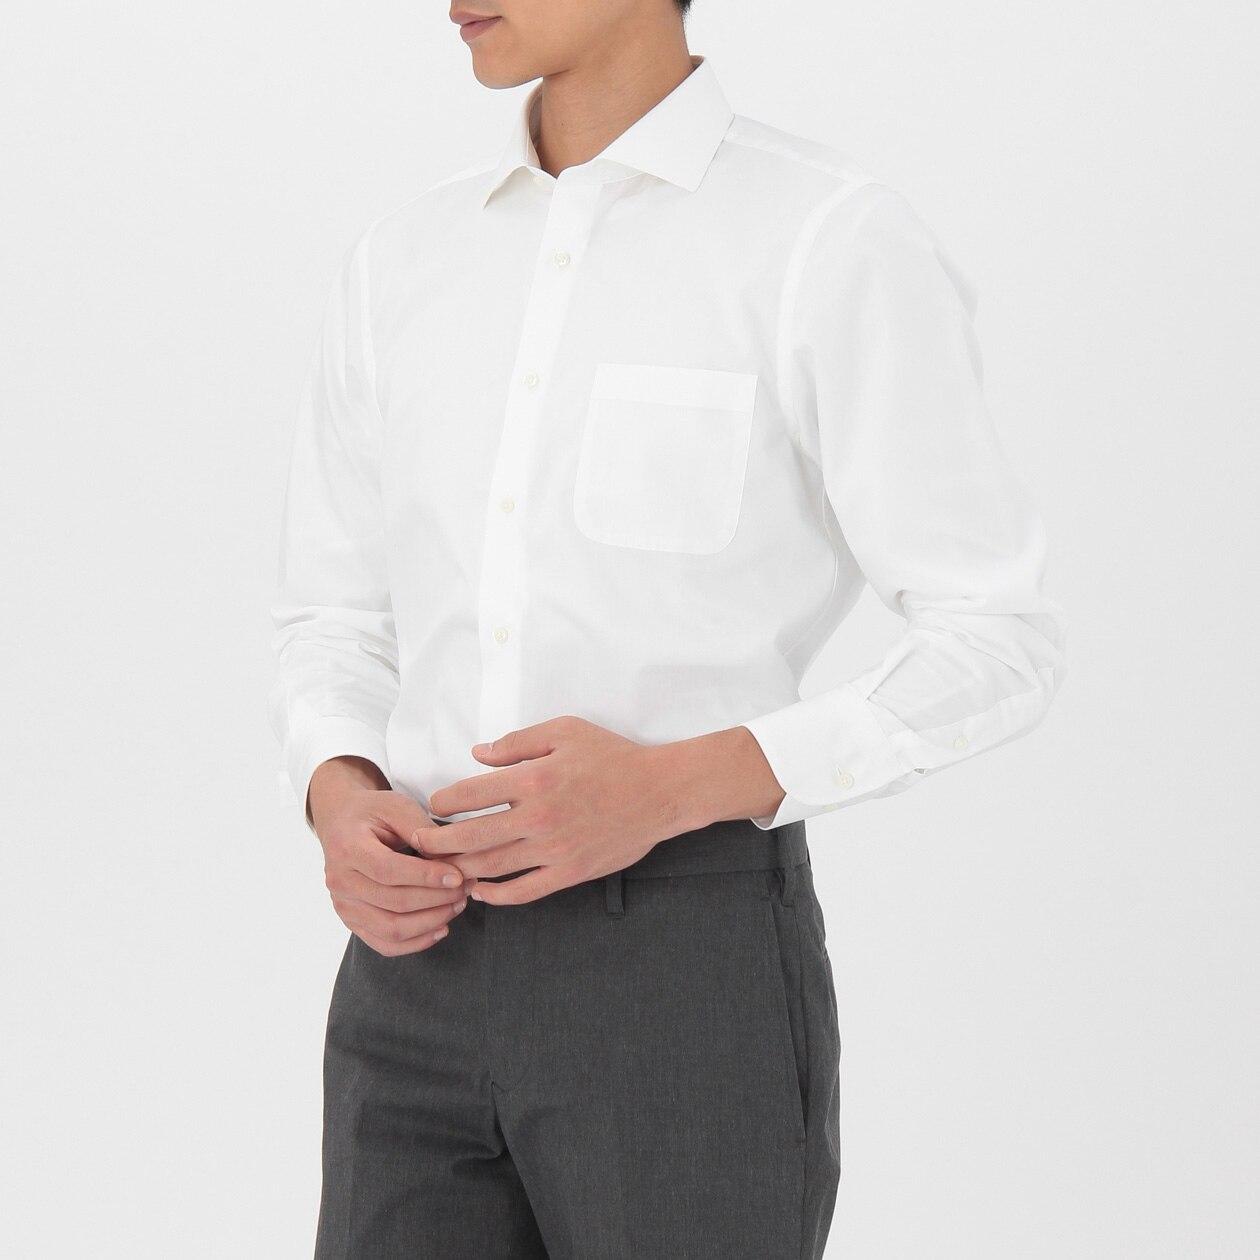 オーガニックコットンブロード形態安定セミワイドカラーシャツ